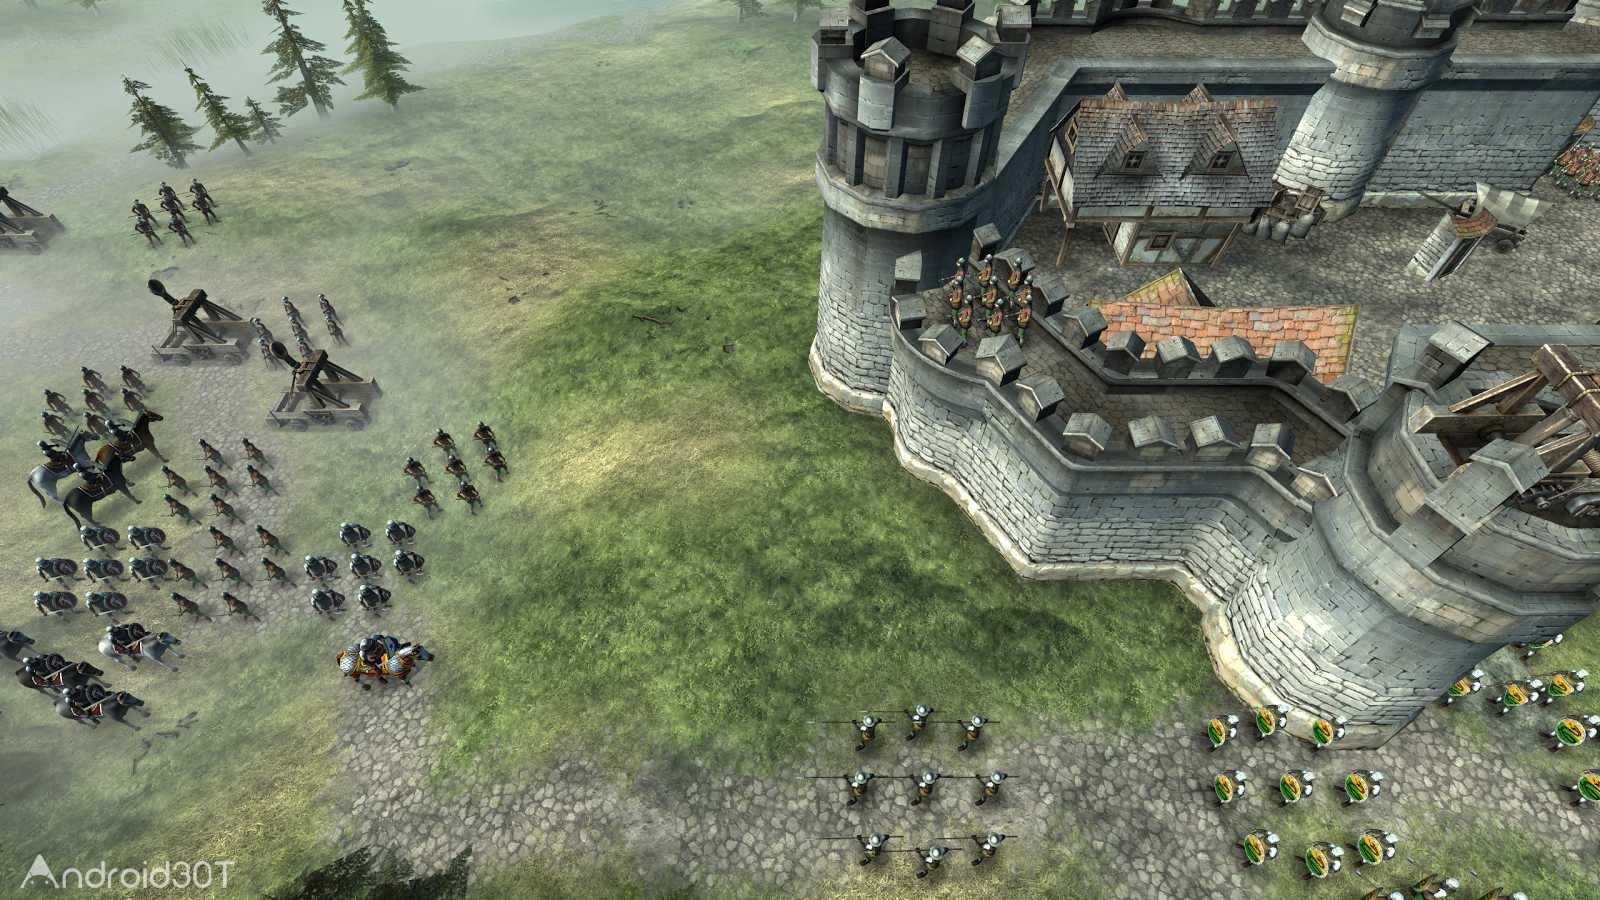 دانلود Hex Commander: Fantasy Heroes 4.7 – بازی استراتژیکی فرمانده اندروید